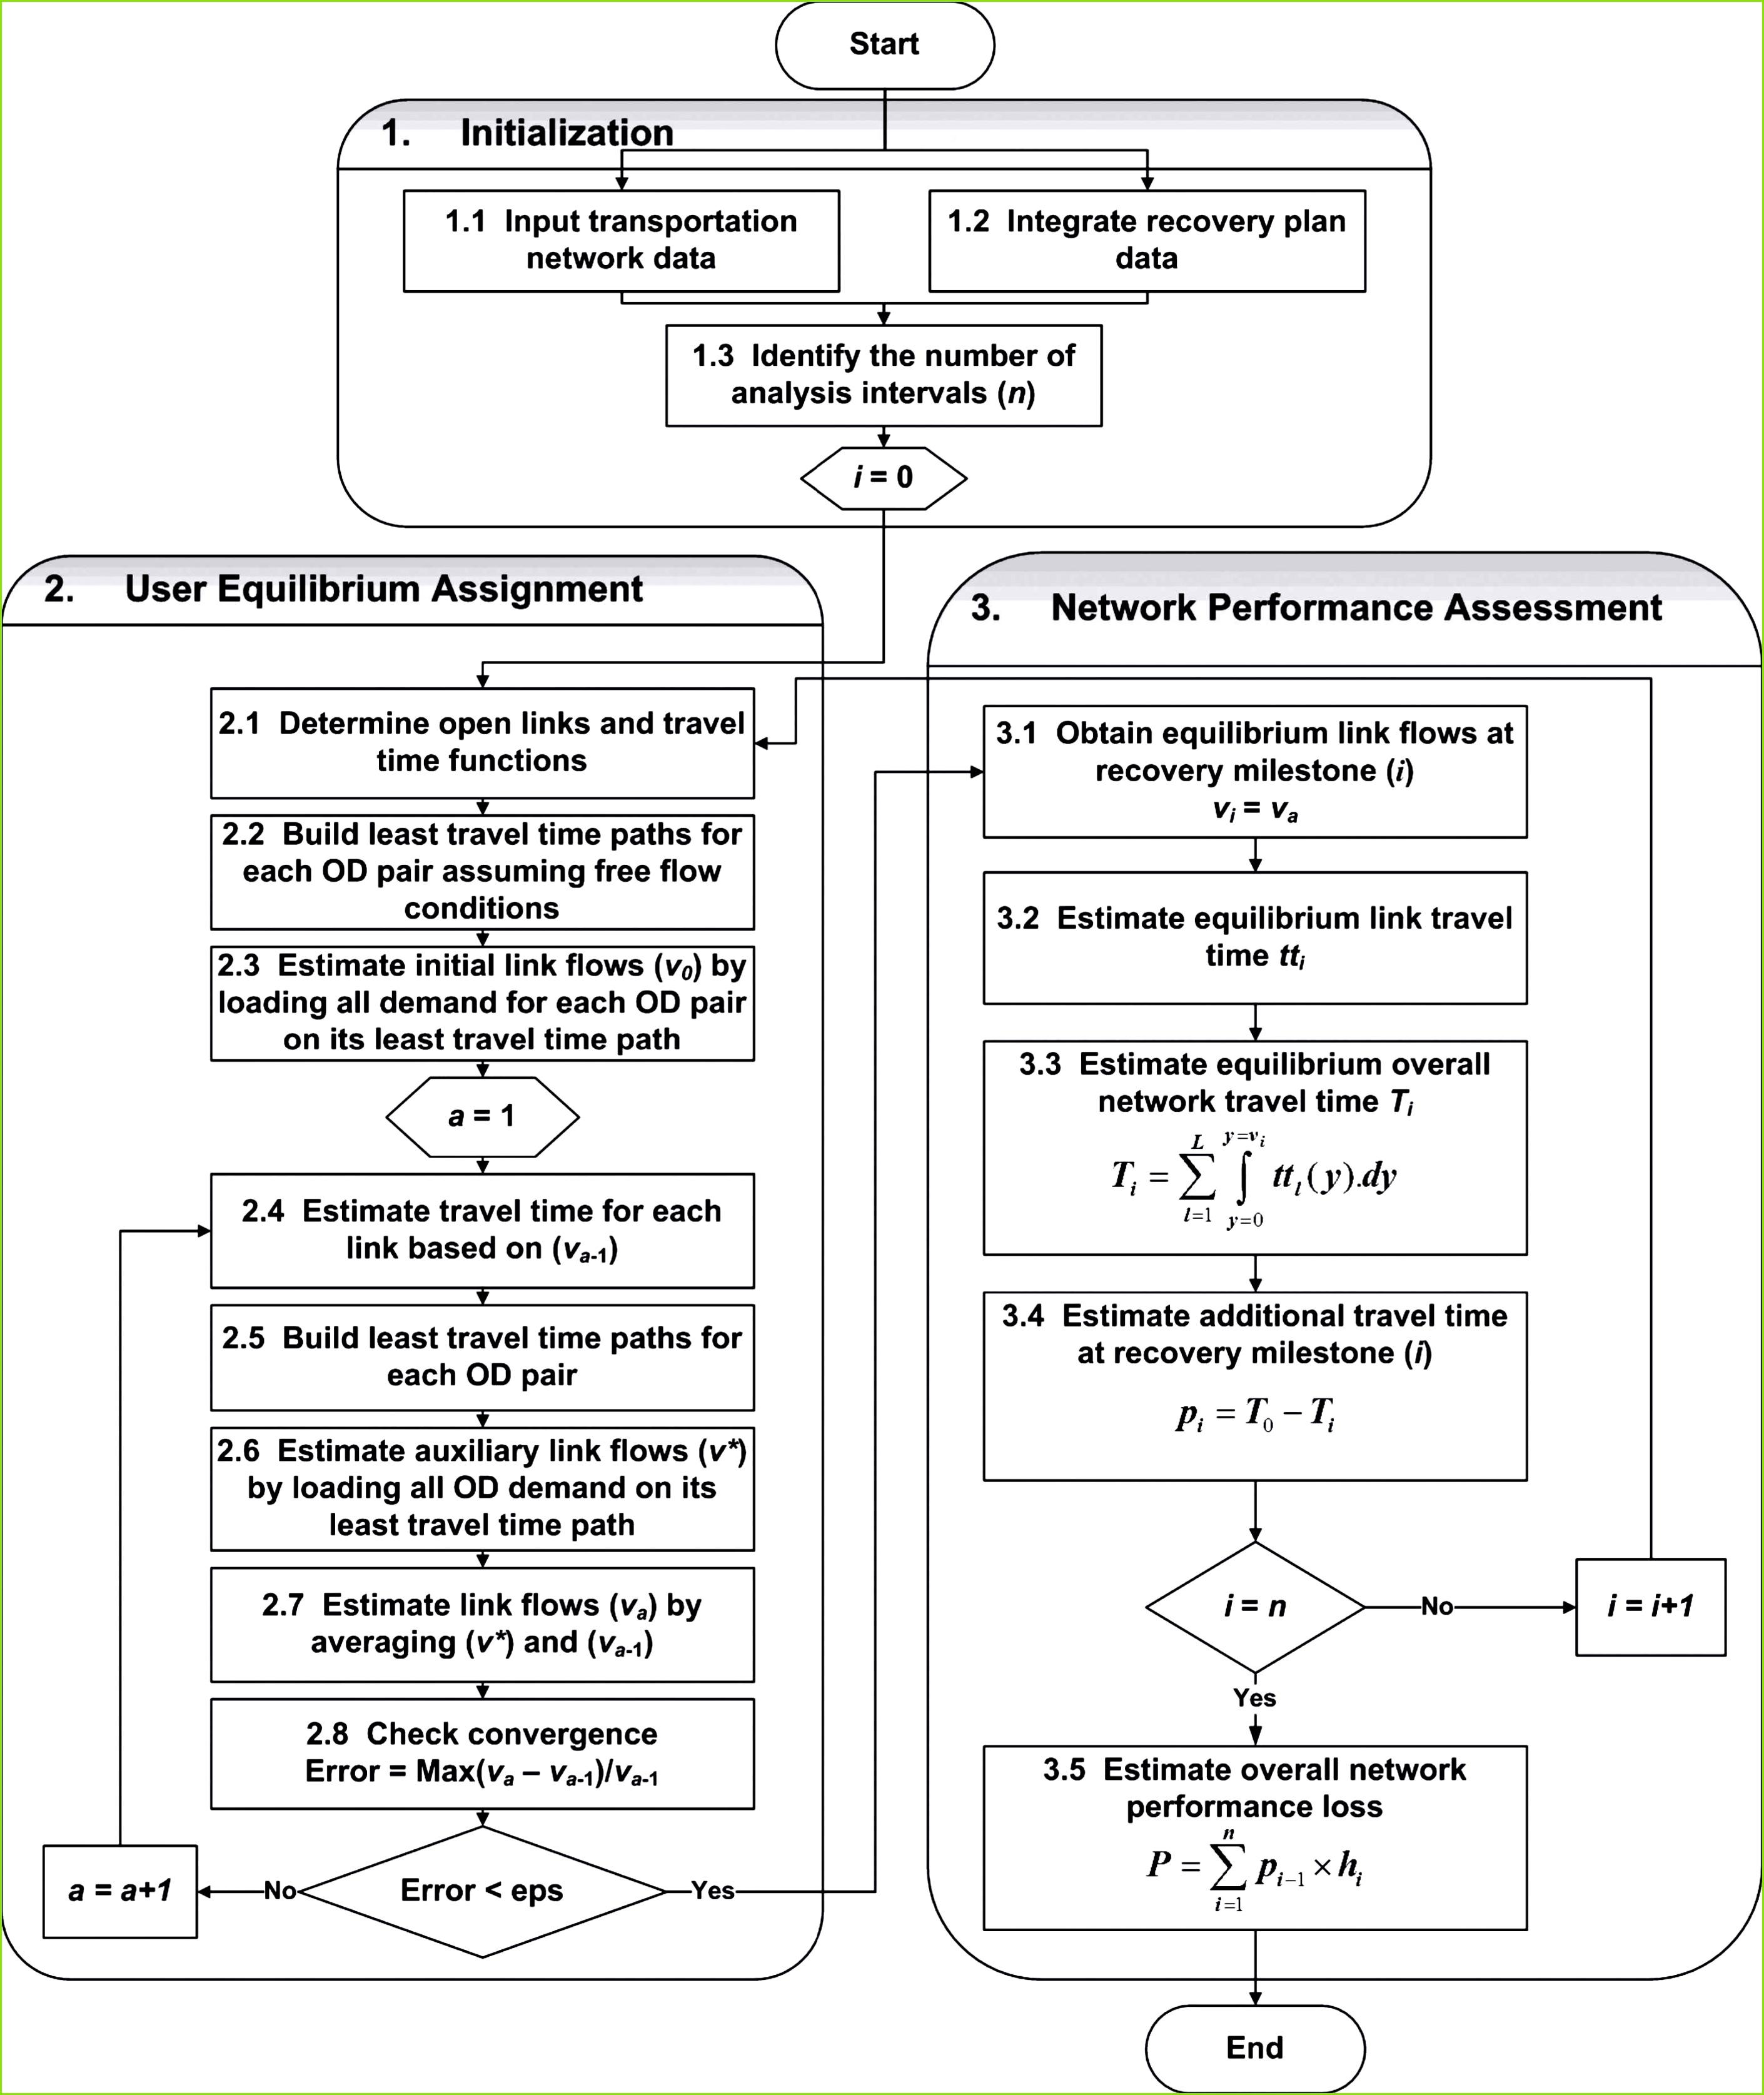 Zweite Mahnung Muster Inspirierend Nebenkostenabrechnung Vorlage Vermieter